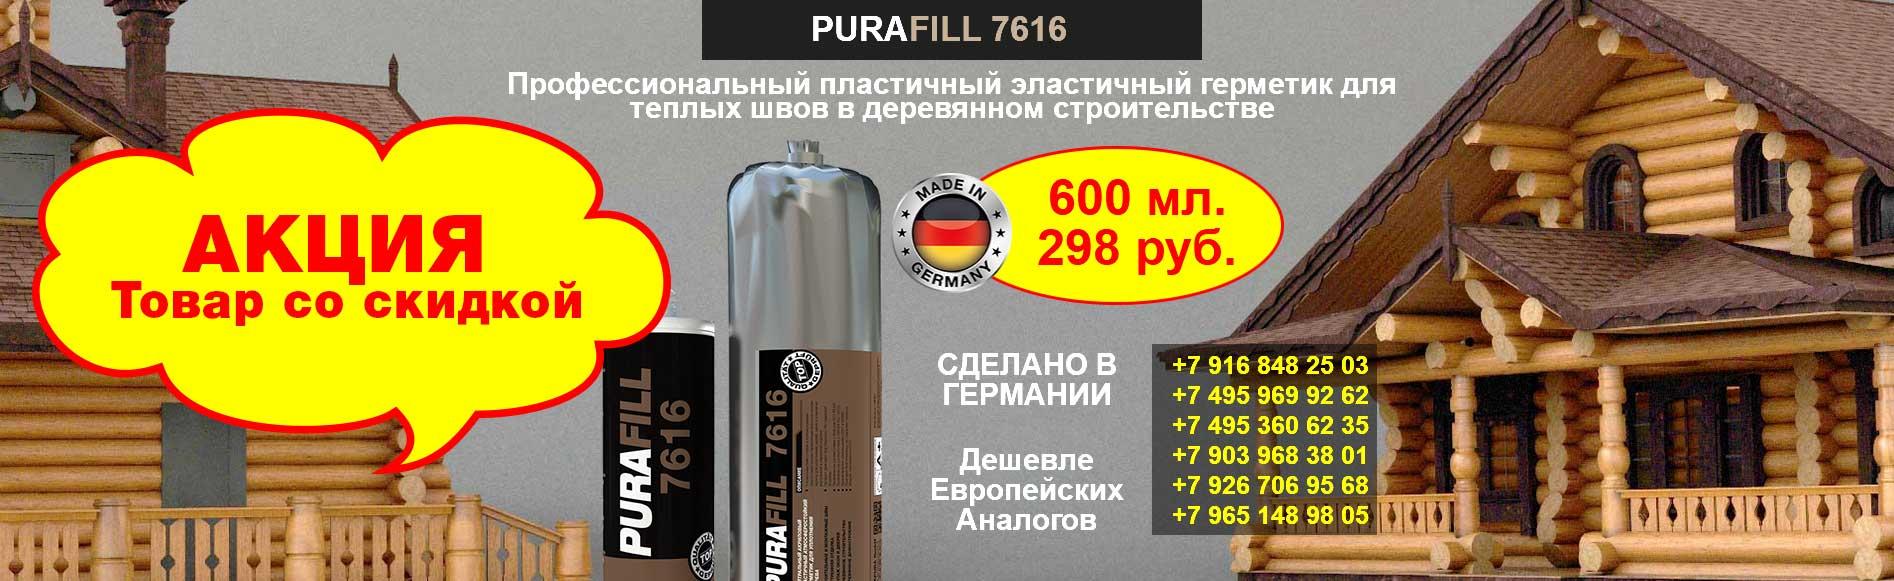 Профессиональный пластичный эластичный герметик для теплых швов в деревянном строительстве 7616